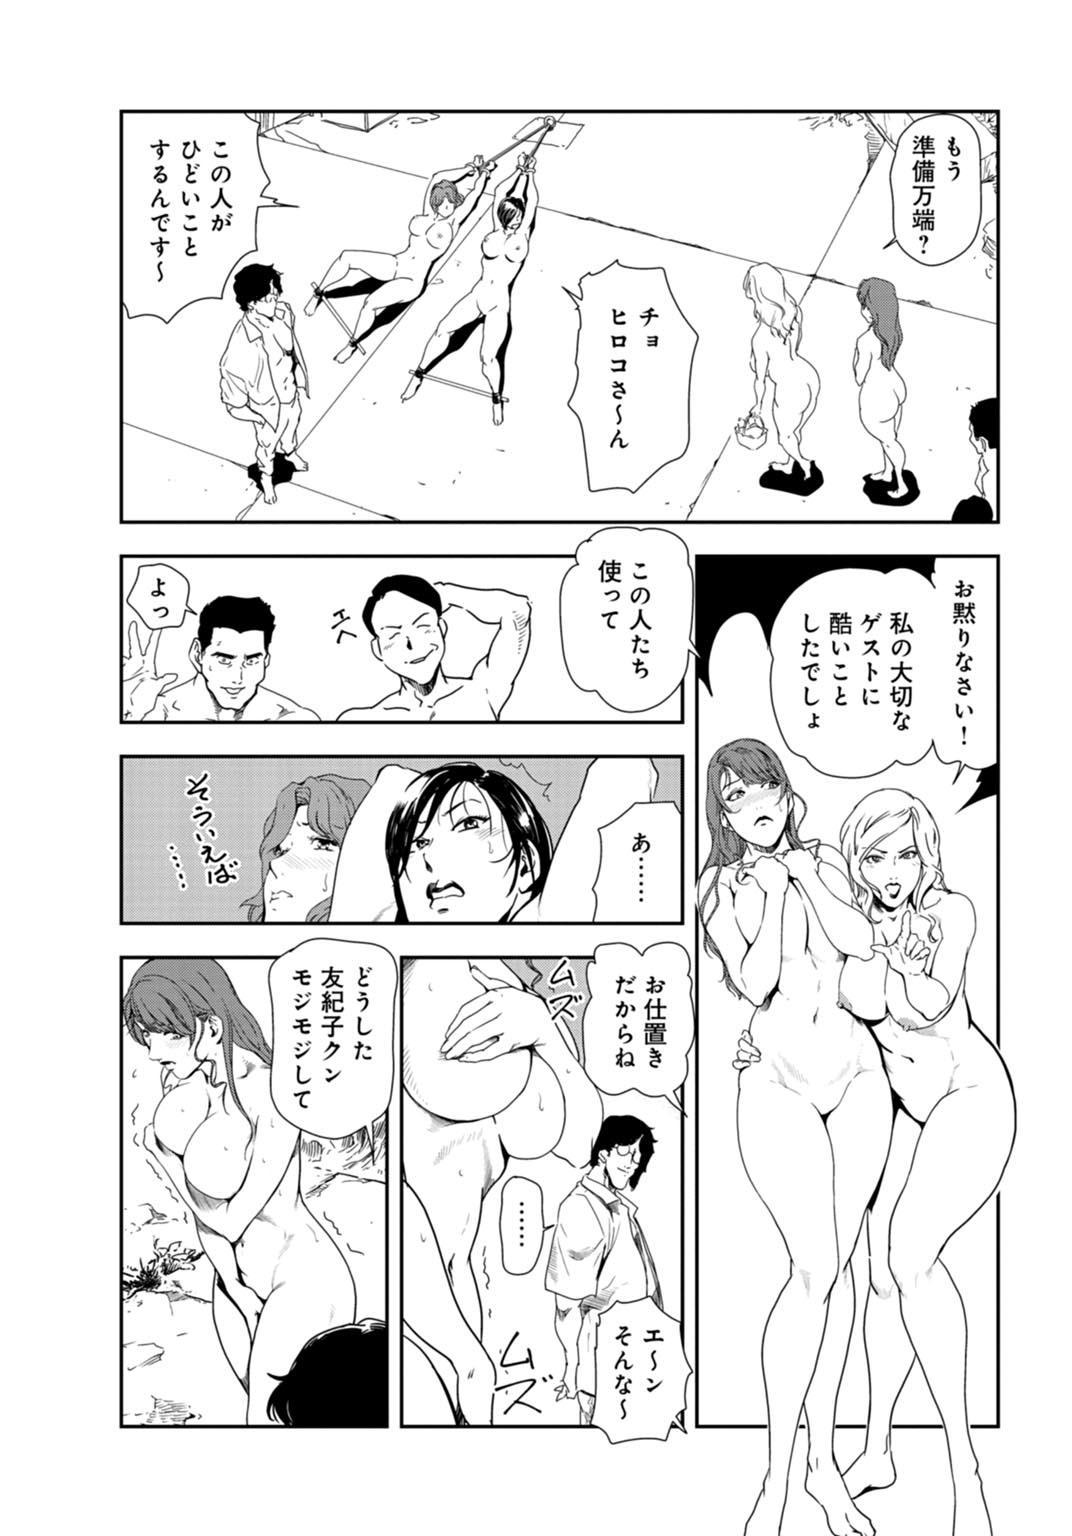 Nikuhisyo Yukiko 27 57